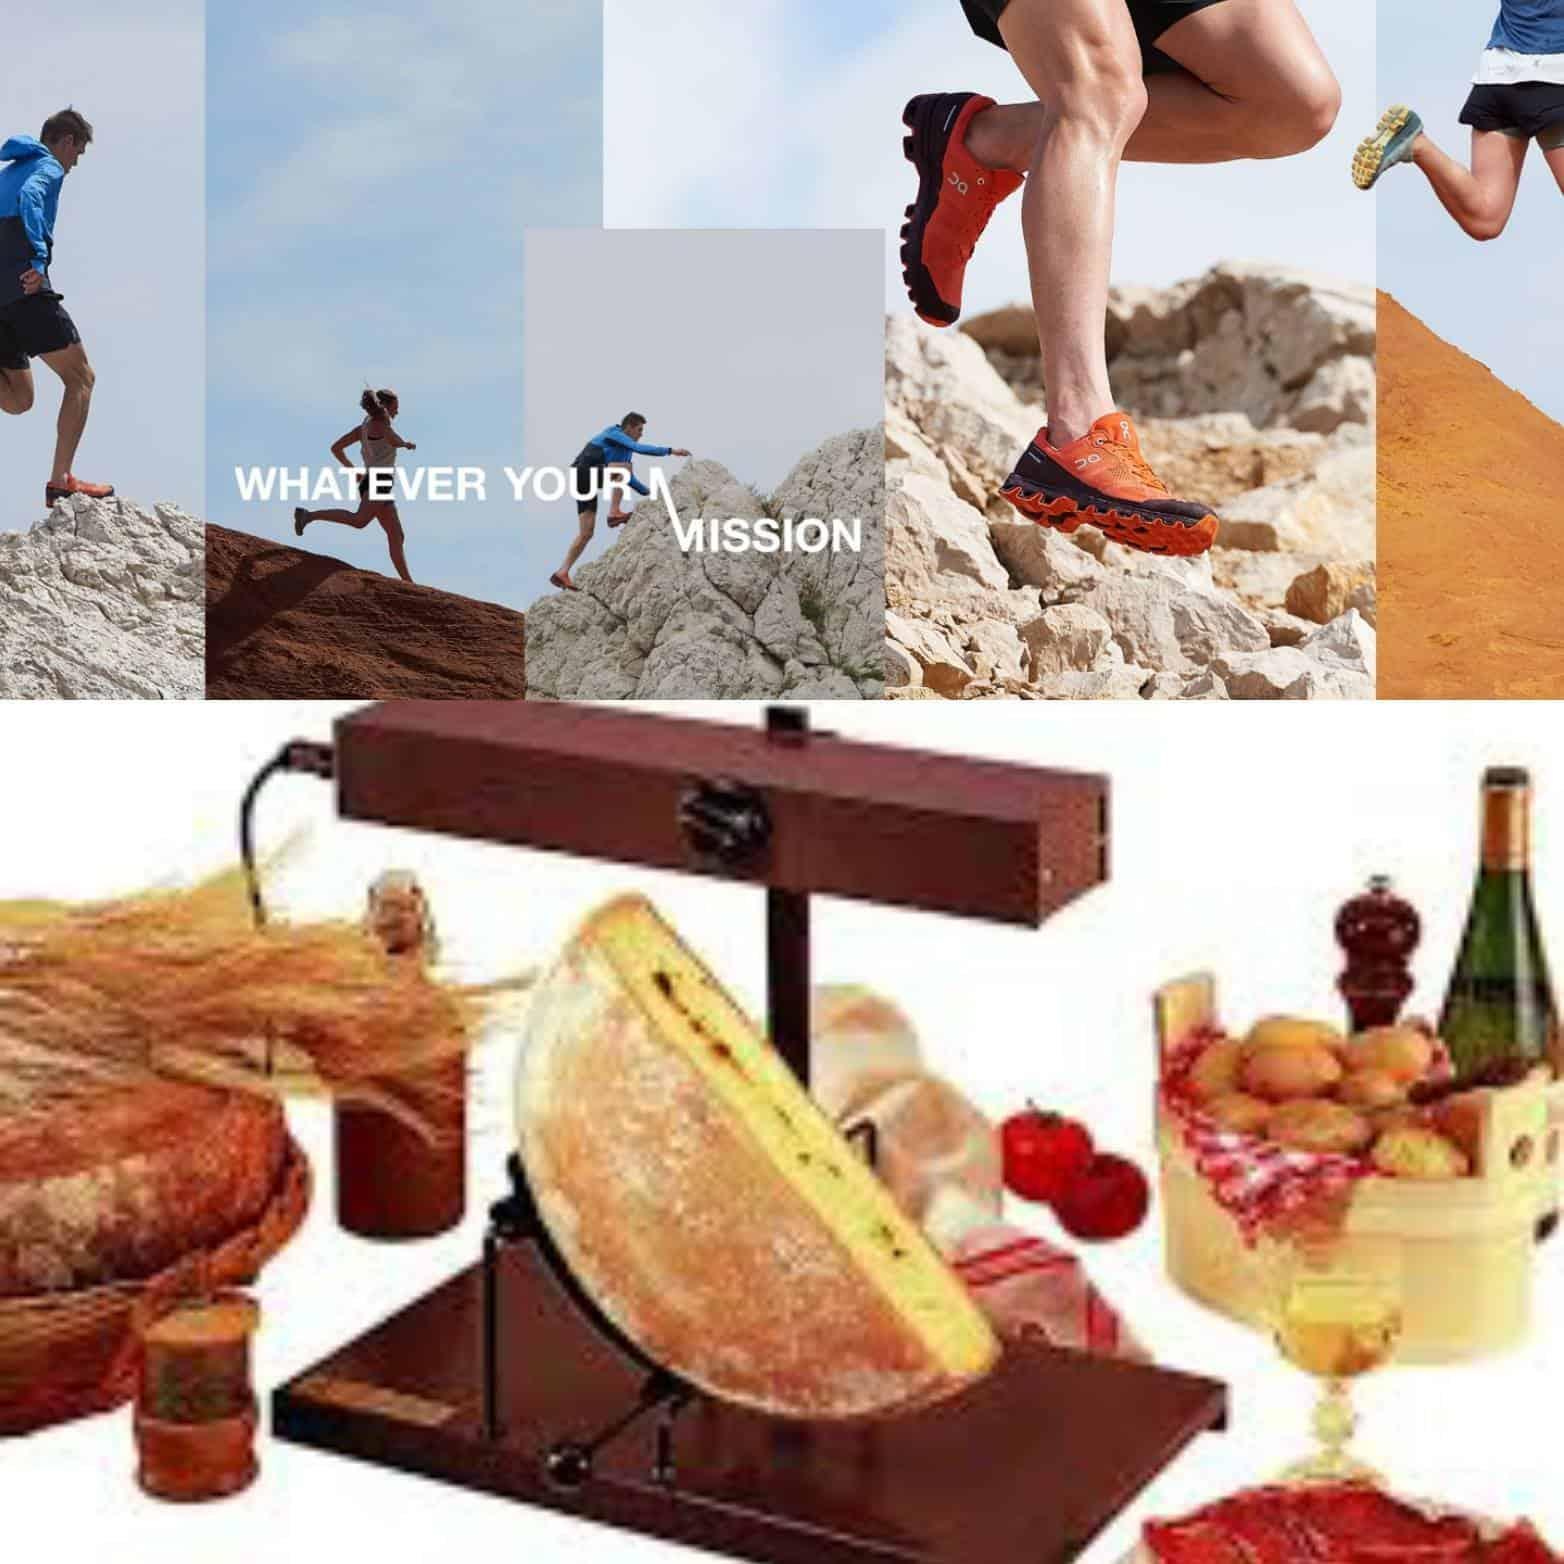 Laufschuhtest mit Raclette